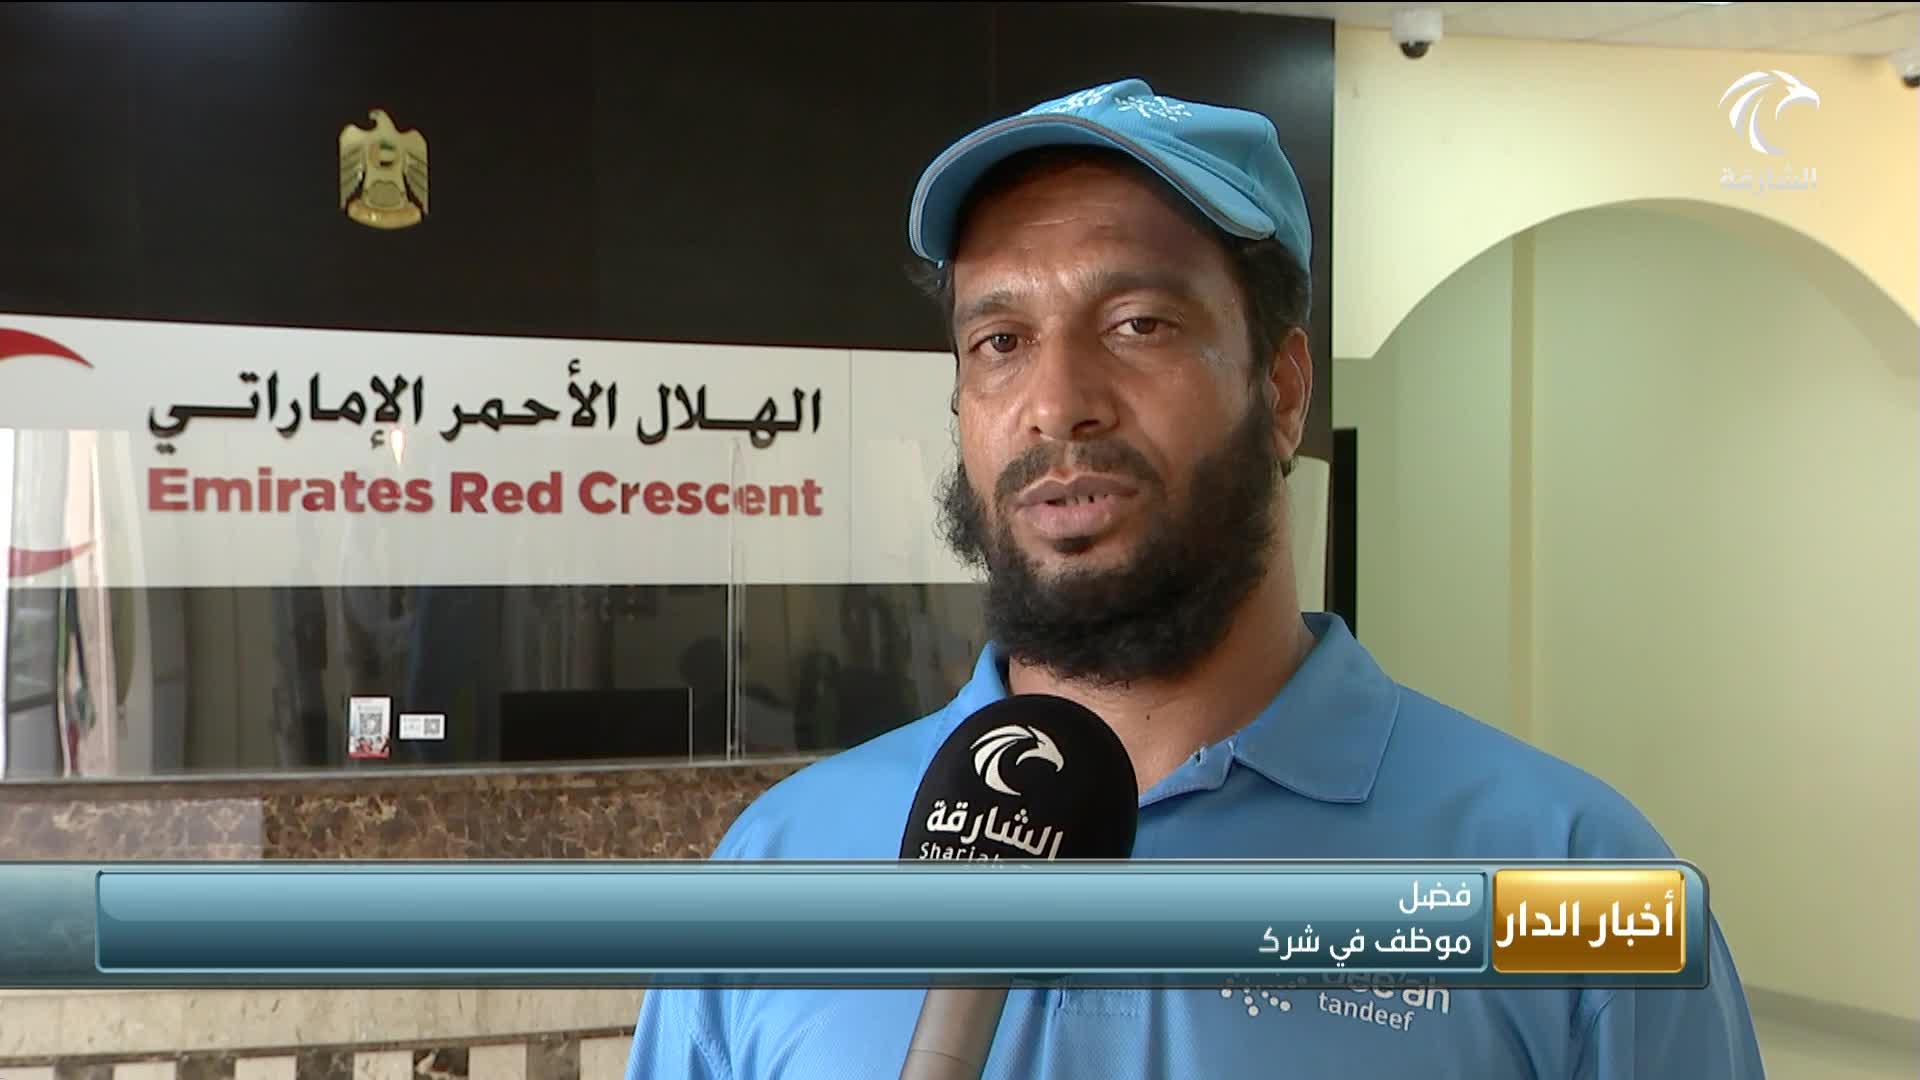 الهلال الأحمر يواصل توزيع الوجبات والمشروبات والقبعات على العمال ضمن المبادرات المجتمعية